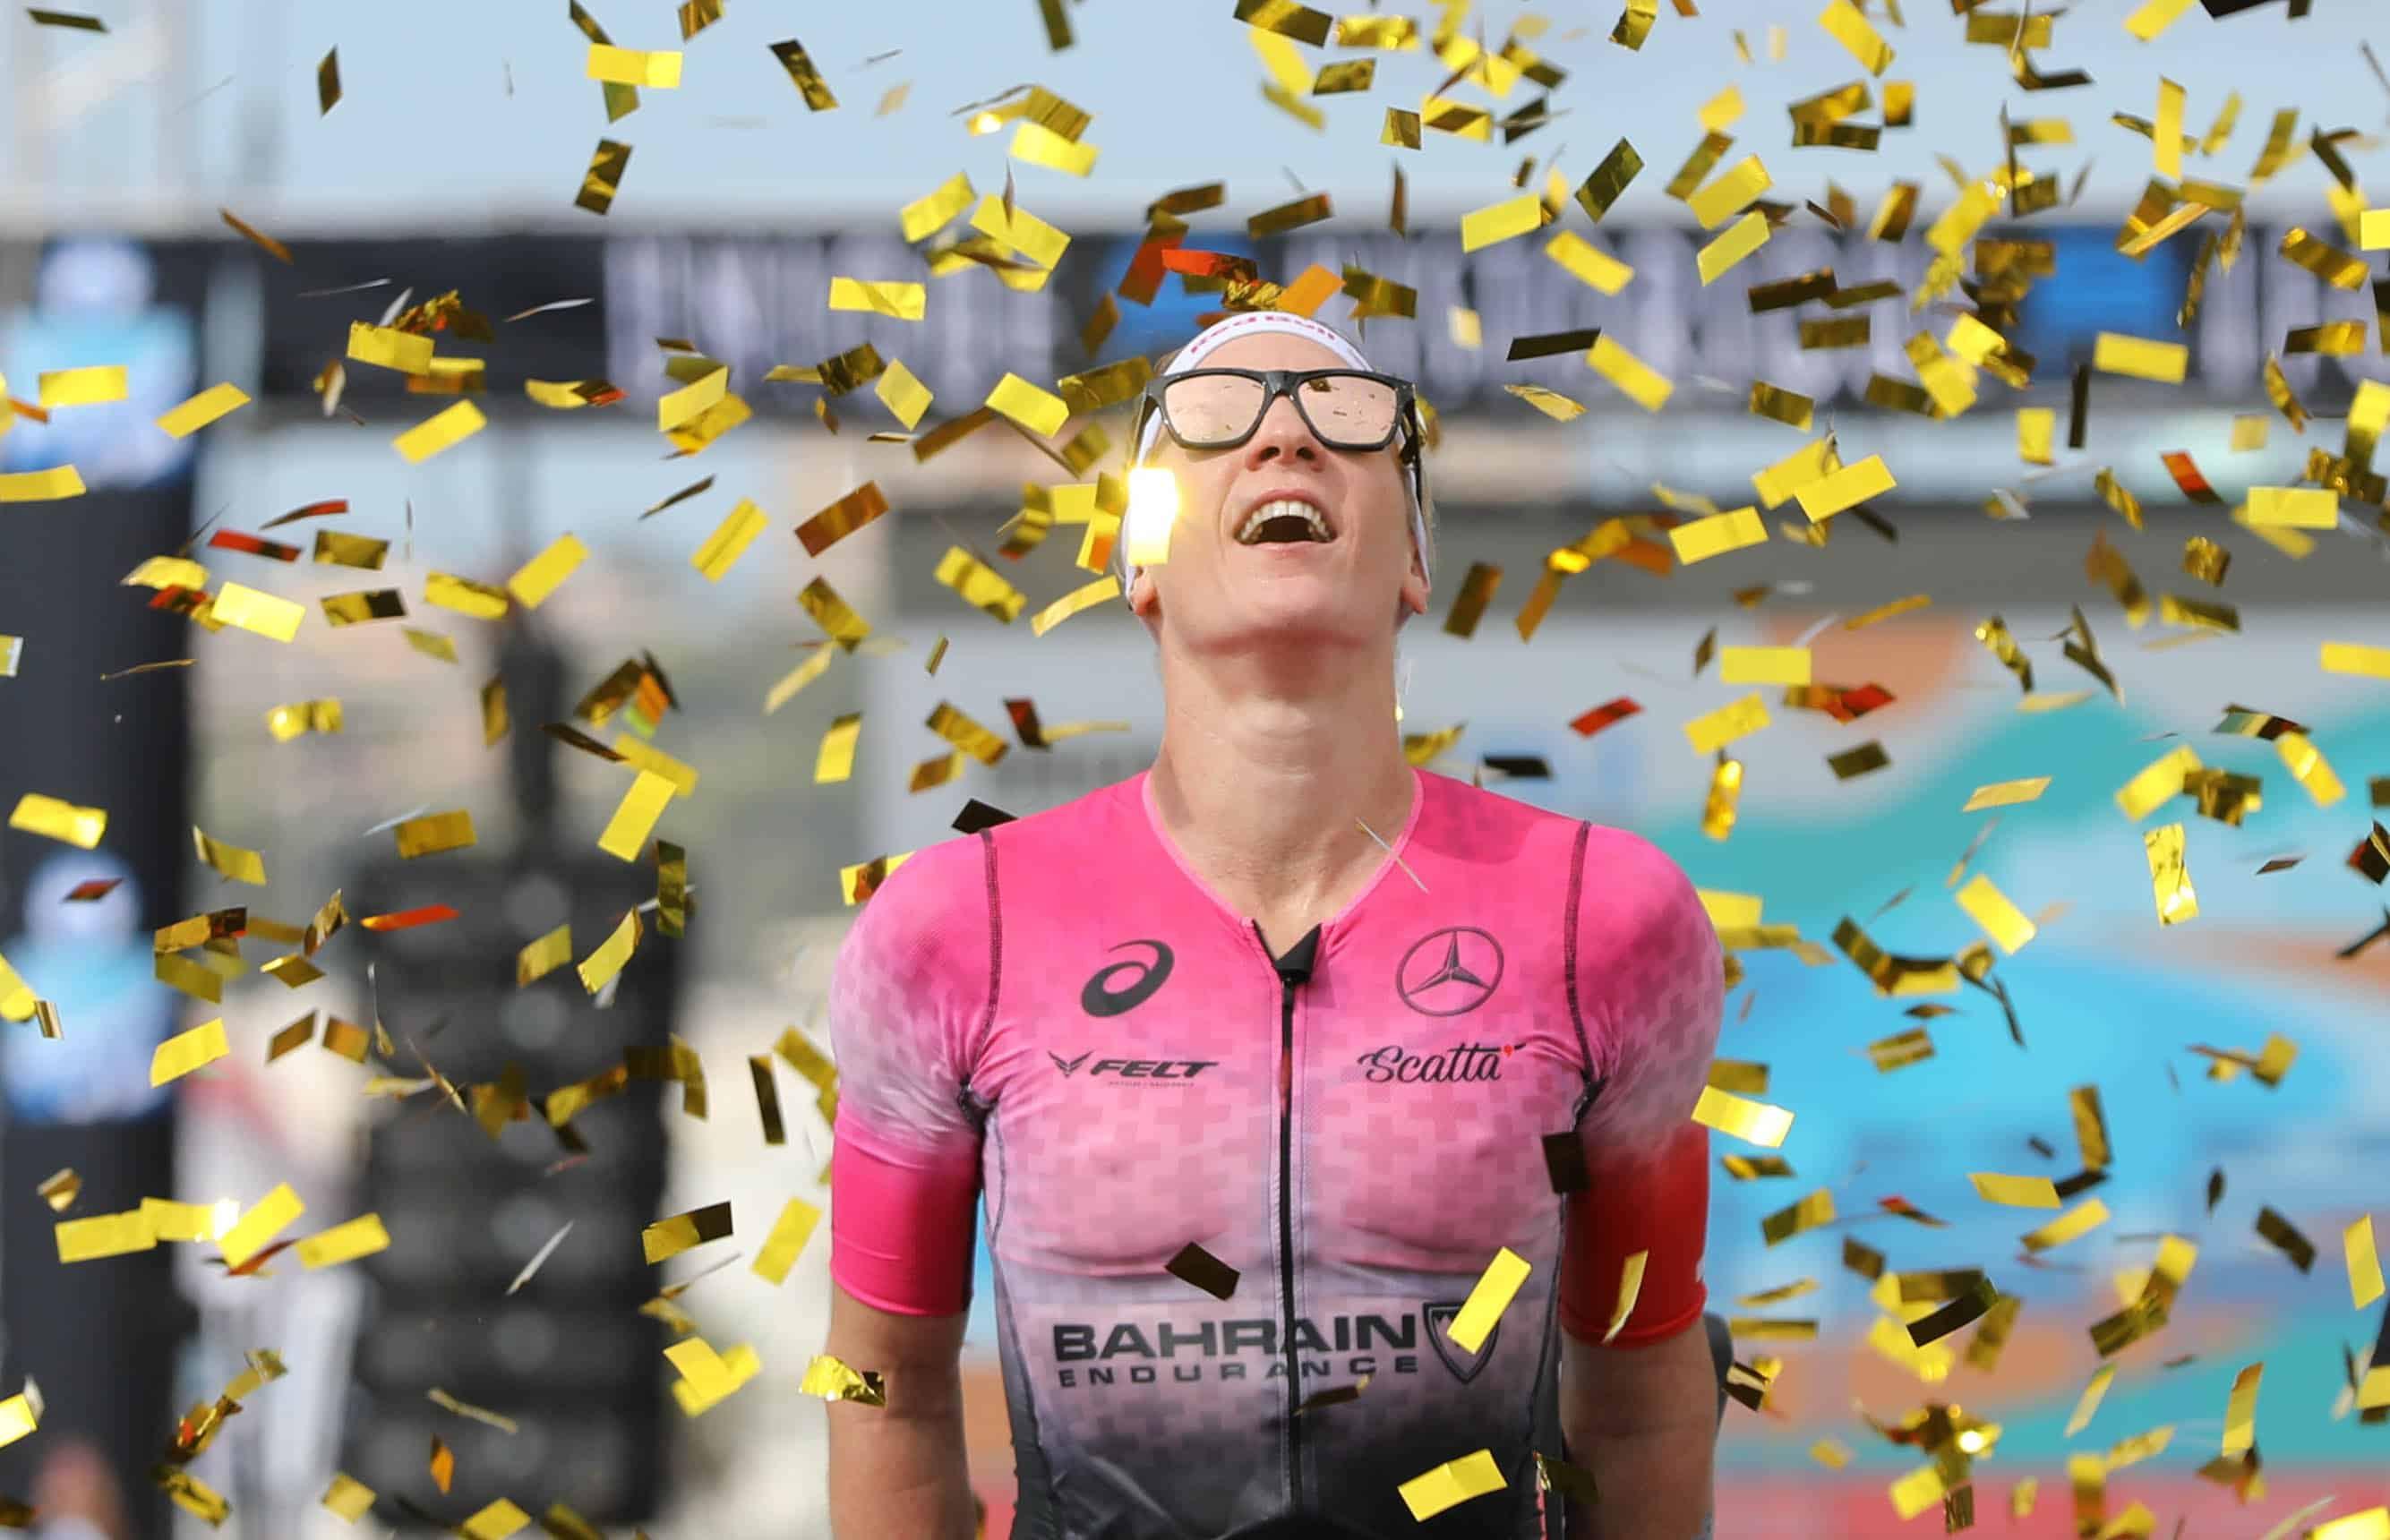 Daniela Ryf siegt bei der Ironman 70.3 World Championship Nizza 2019